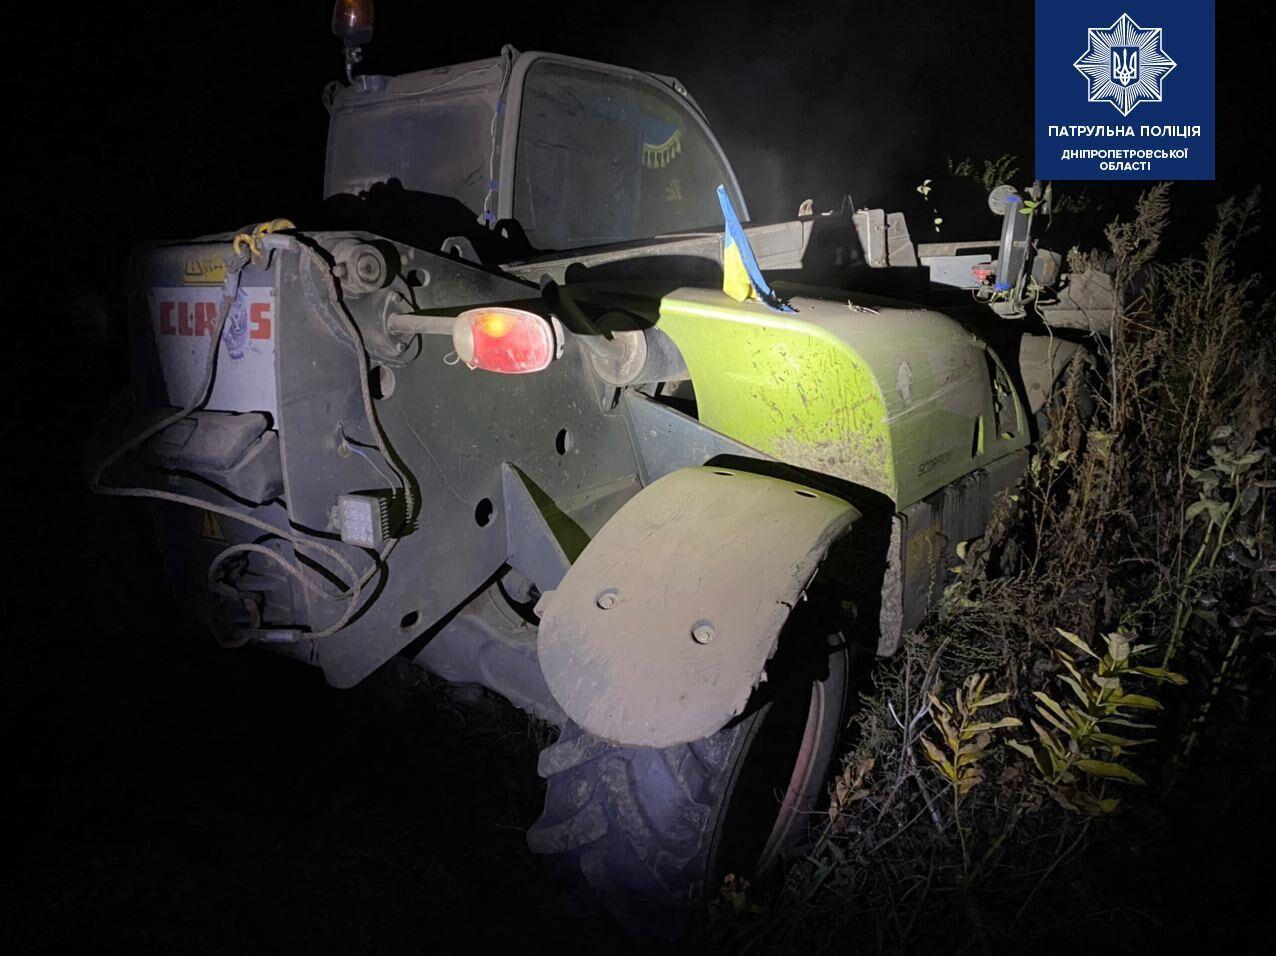 На Днепропетровщине водитель погрузчика устроил гонки в полицейскими .